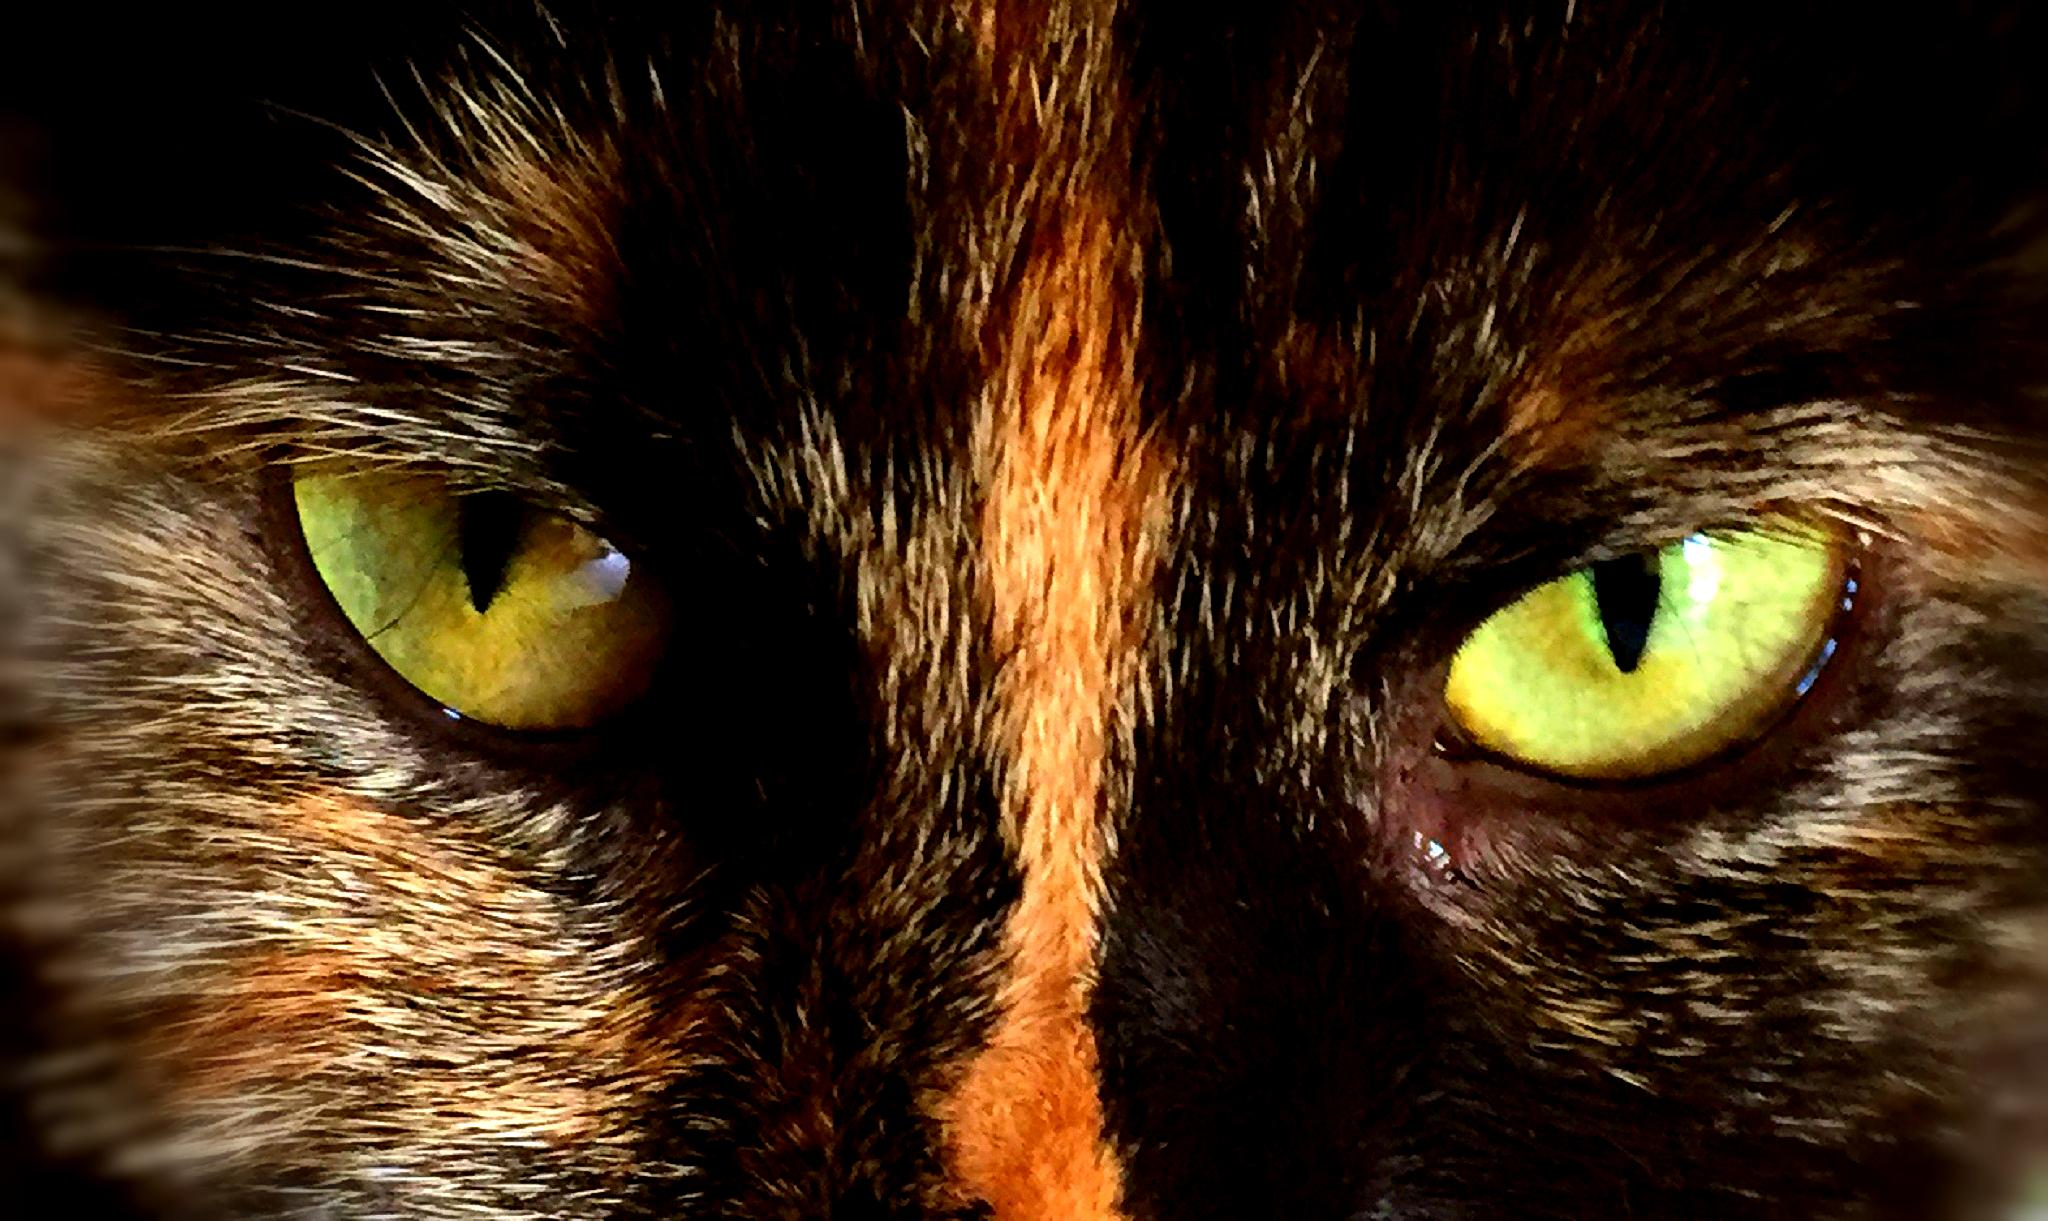 Cat's Eyes by Tweaky Blinders